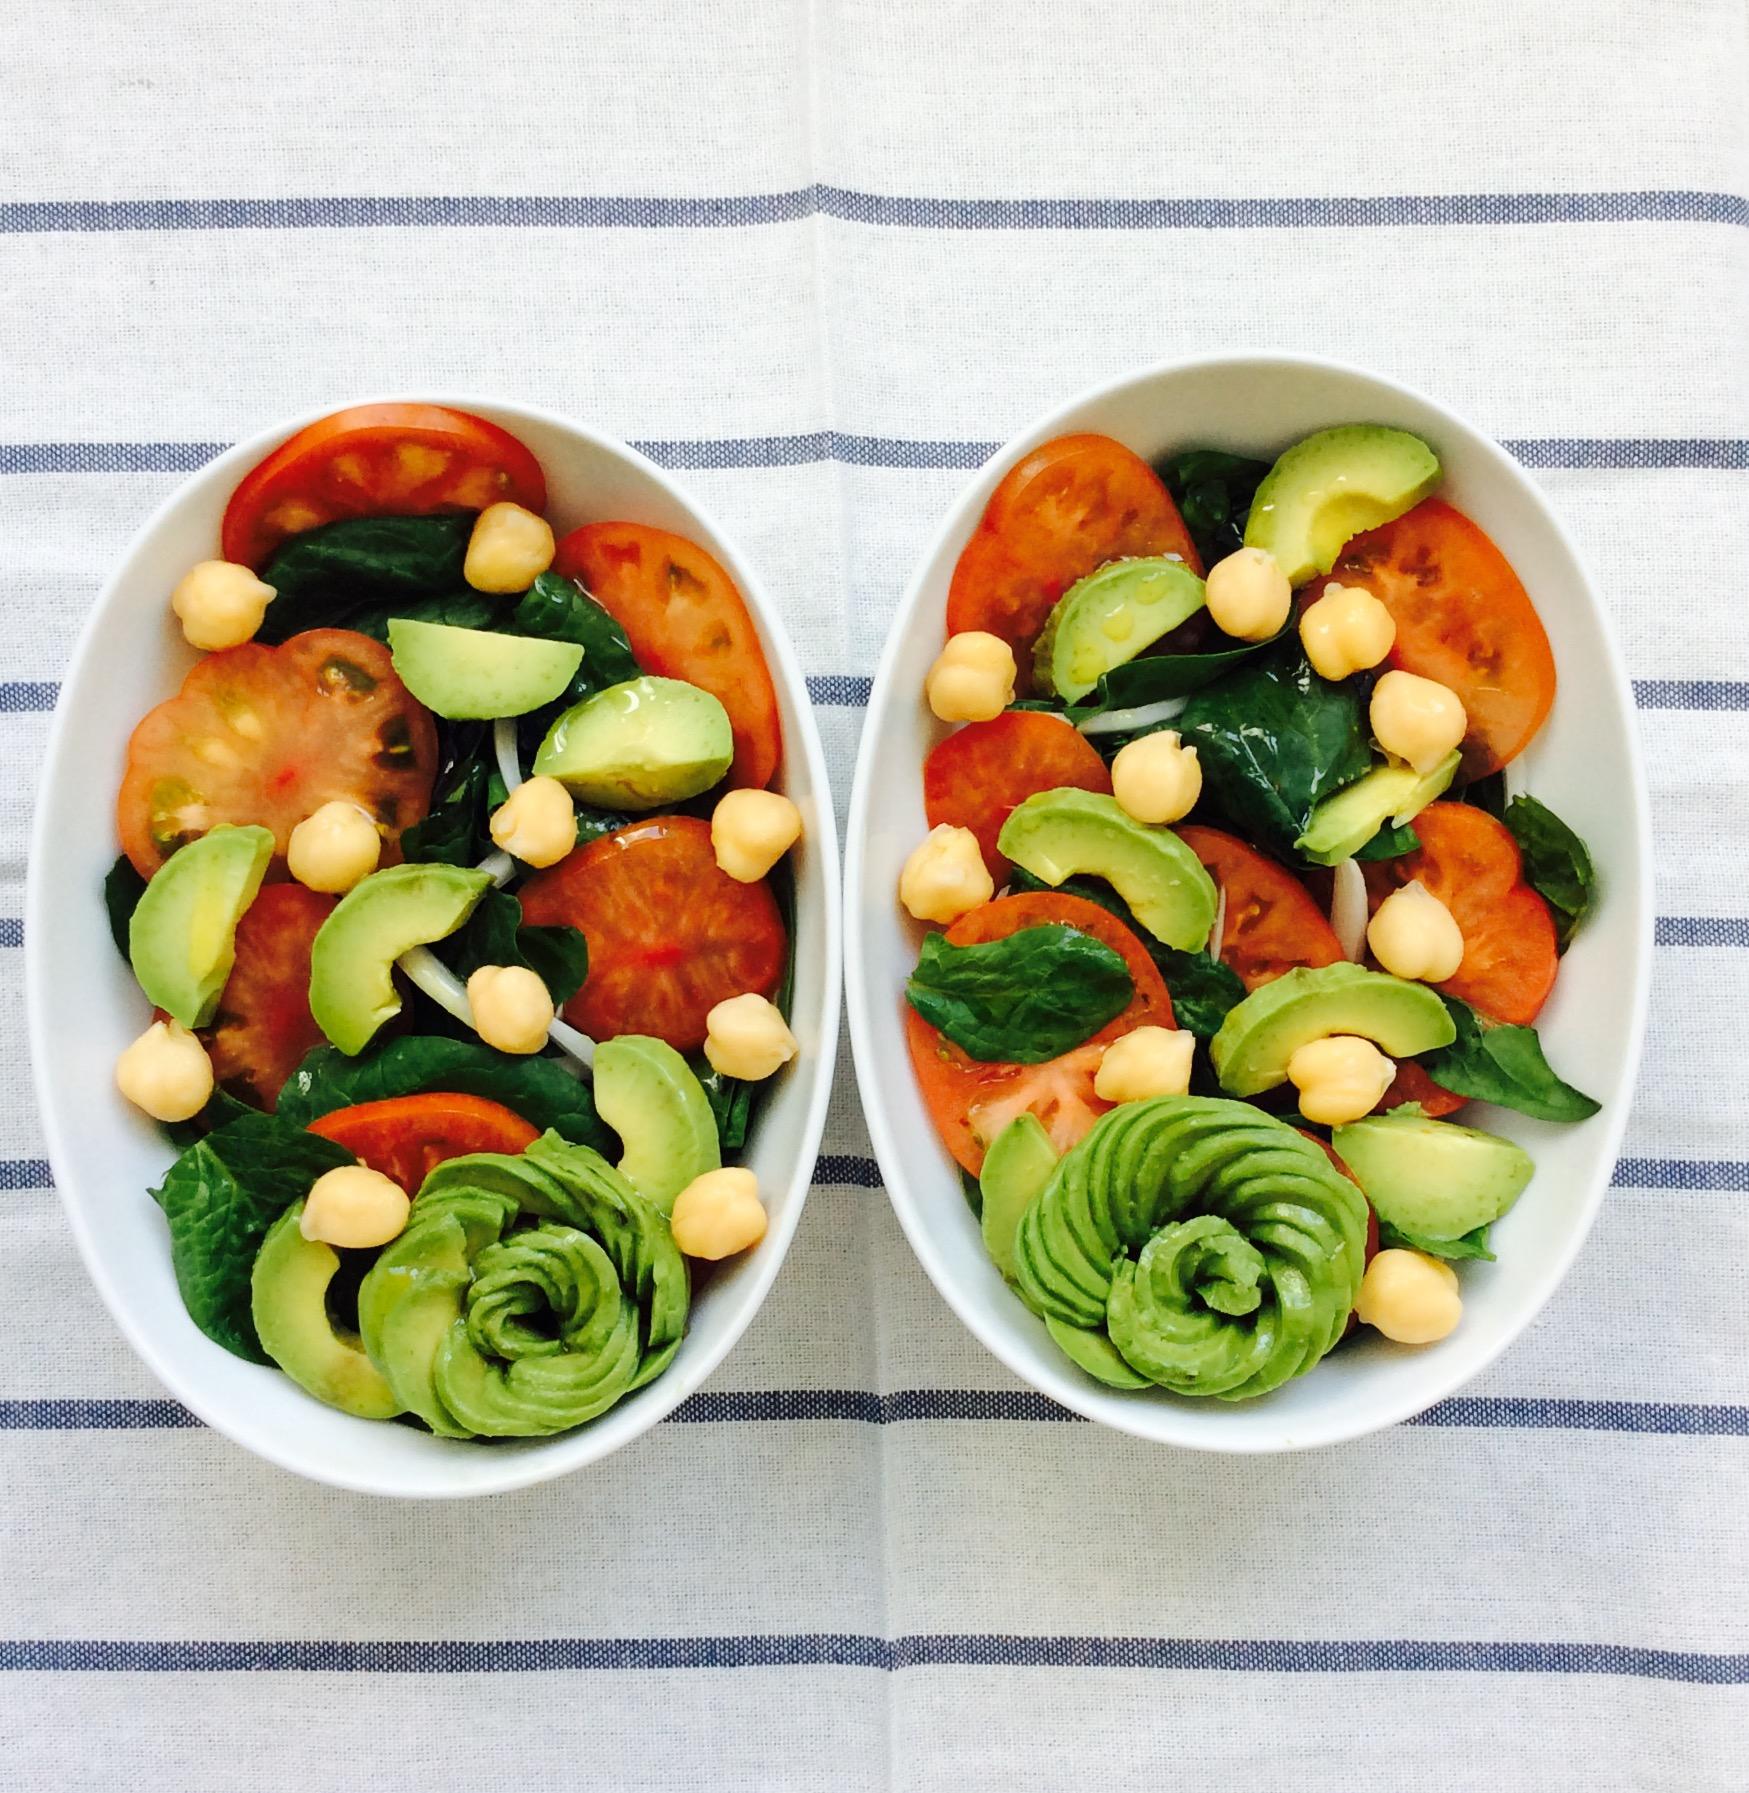 receta-ensalada-espinacas-garbanzos-ido